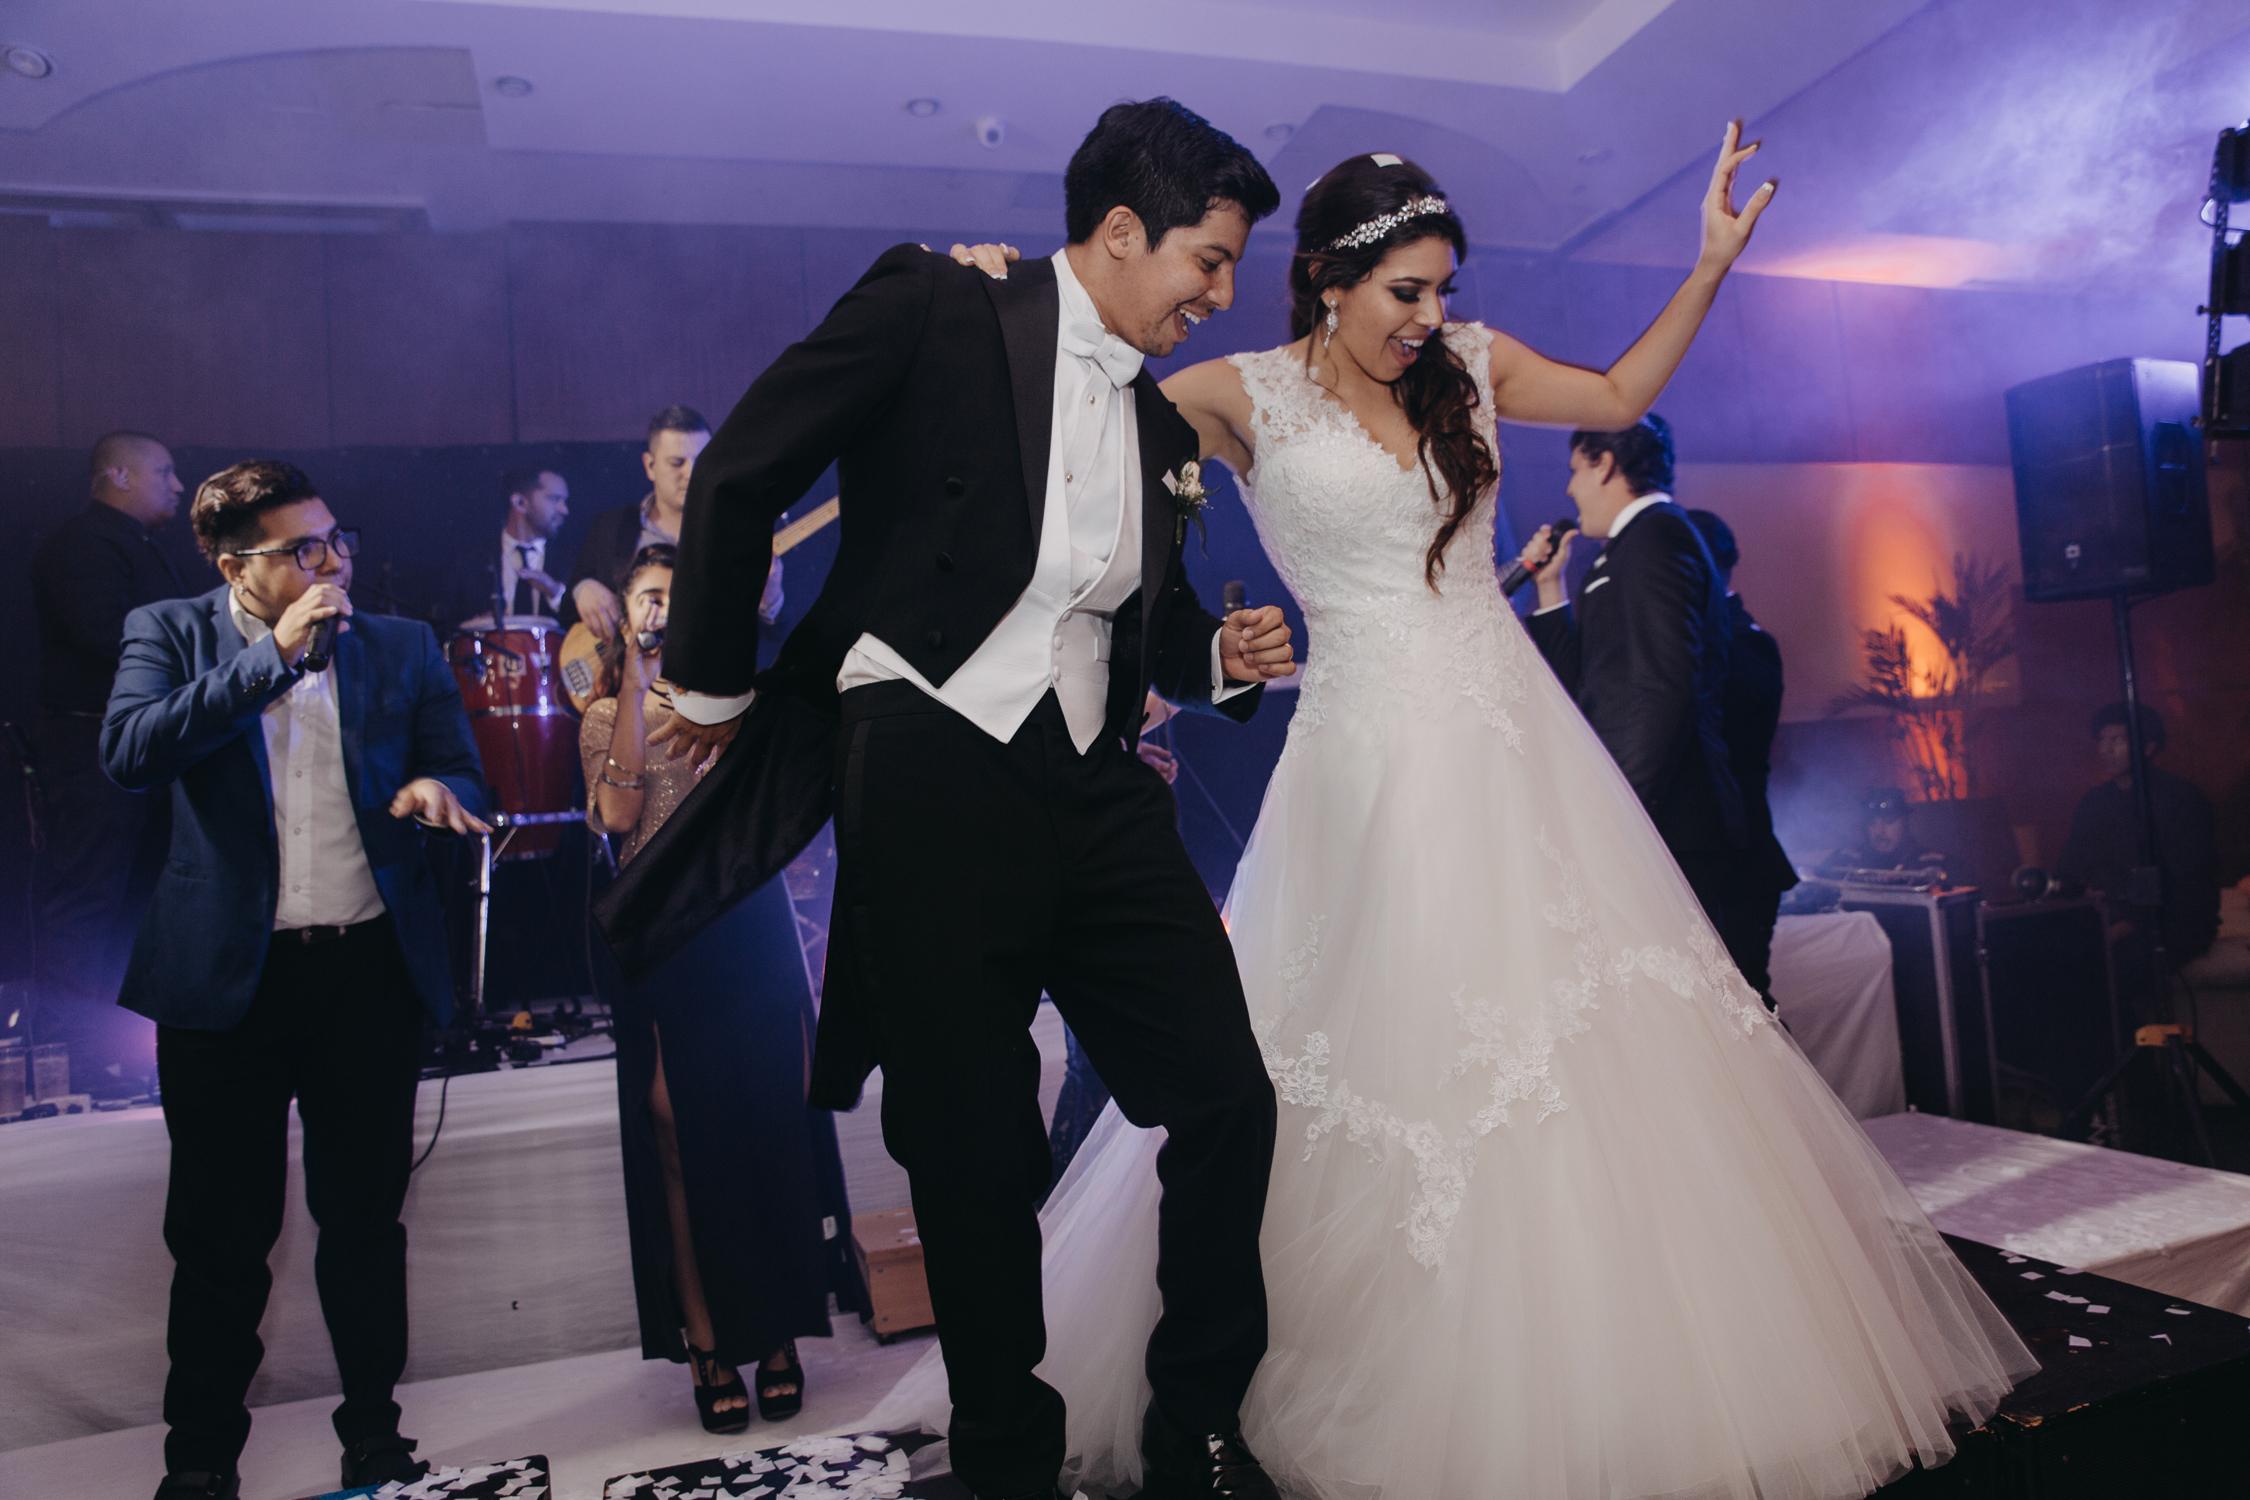 Michelle-Agurto-Fotografia-Bodas-Ecuador-Destination-Wedding-Photographer-Patricia-Guido-326.JPG